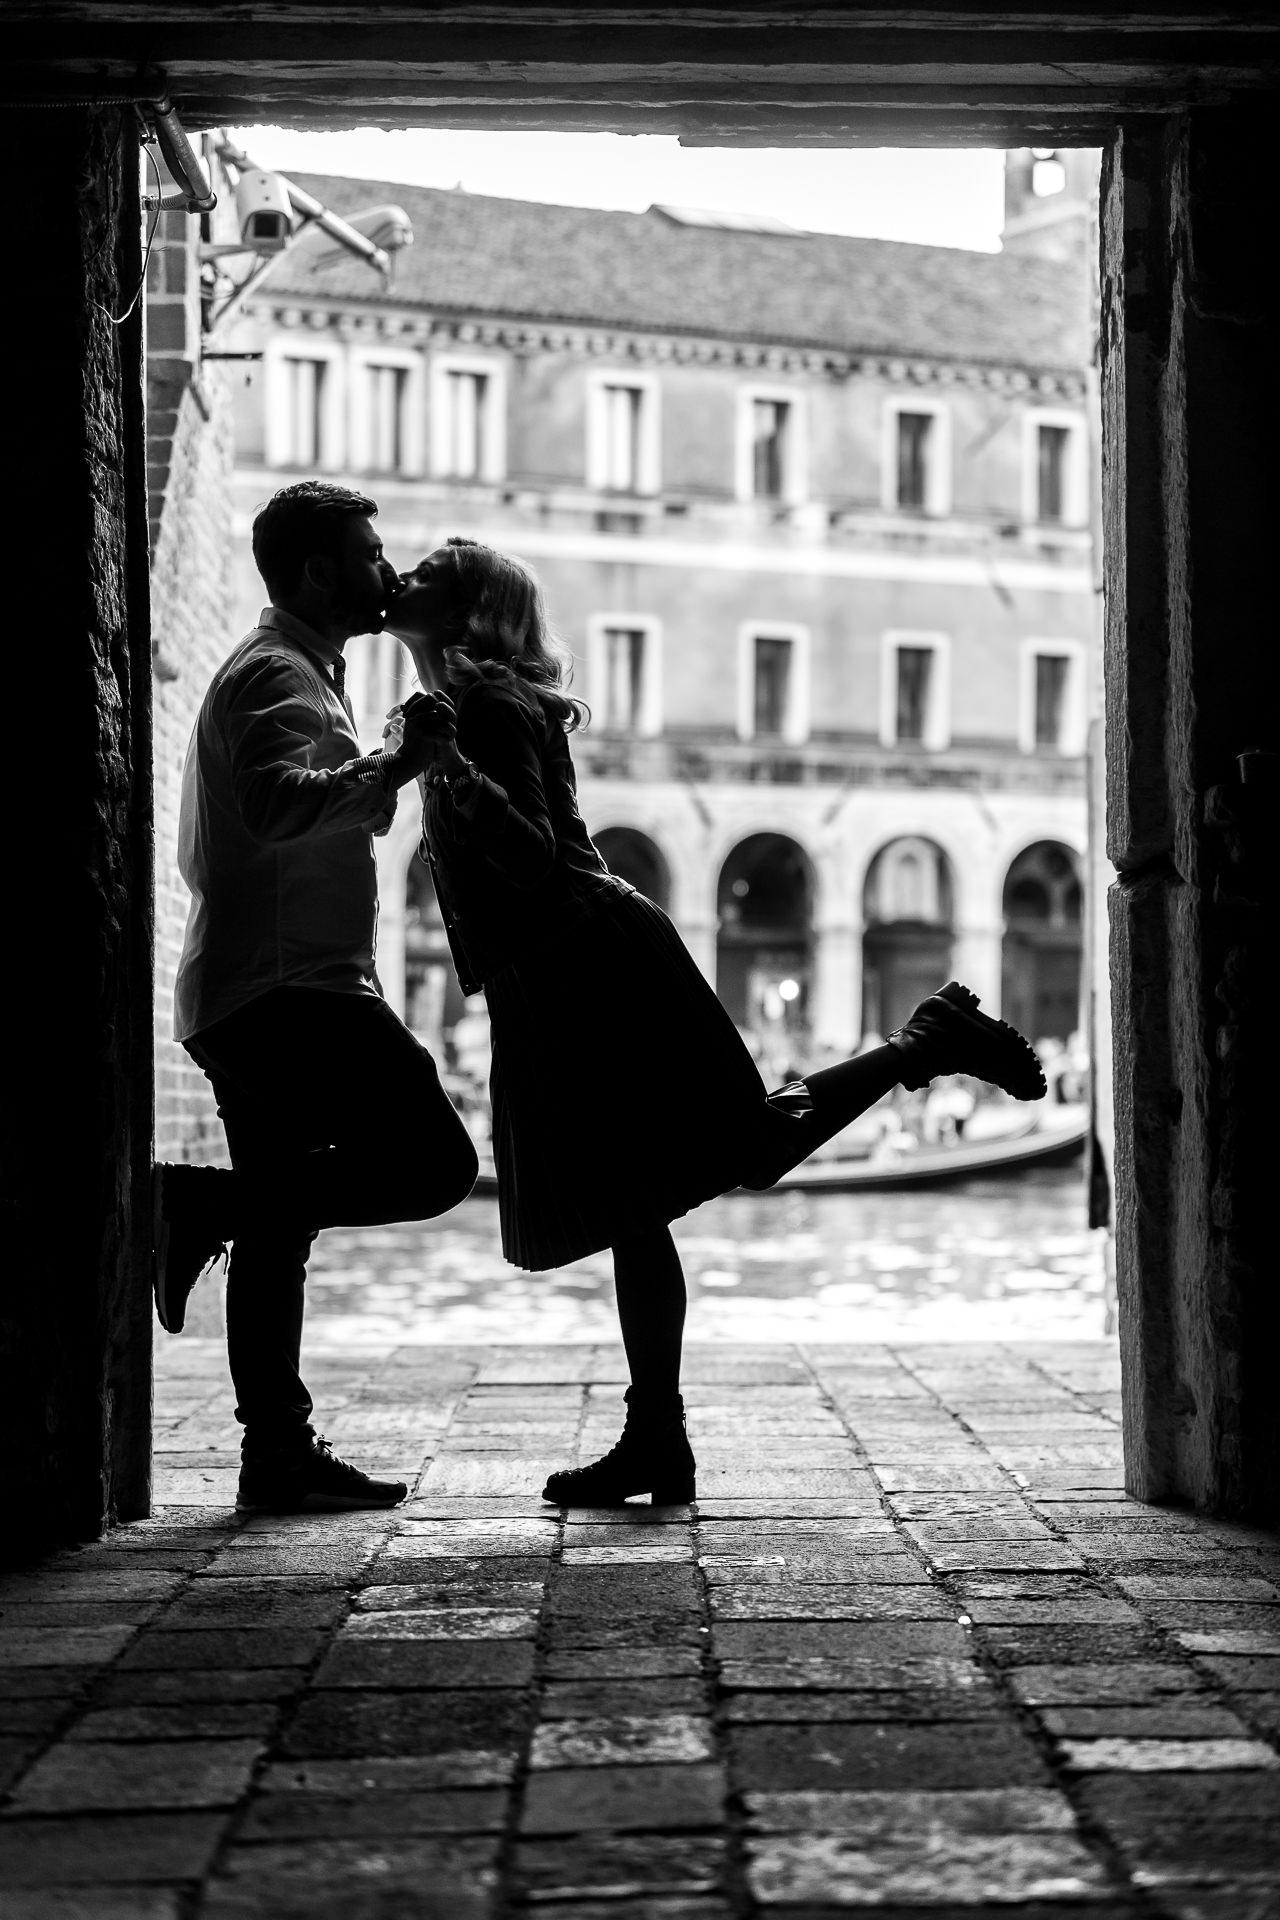 Sedinta foto de cuplu in Venetia - Raluca si Costin - Mihai Zaharia Photography - 17